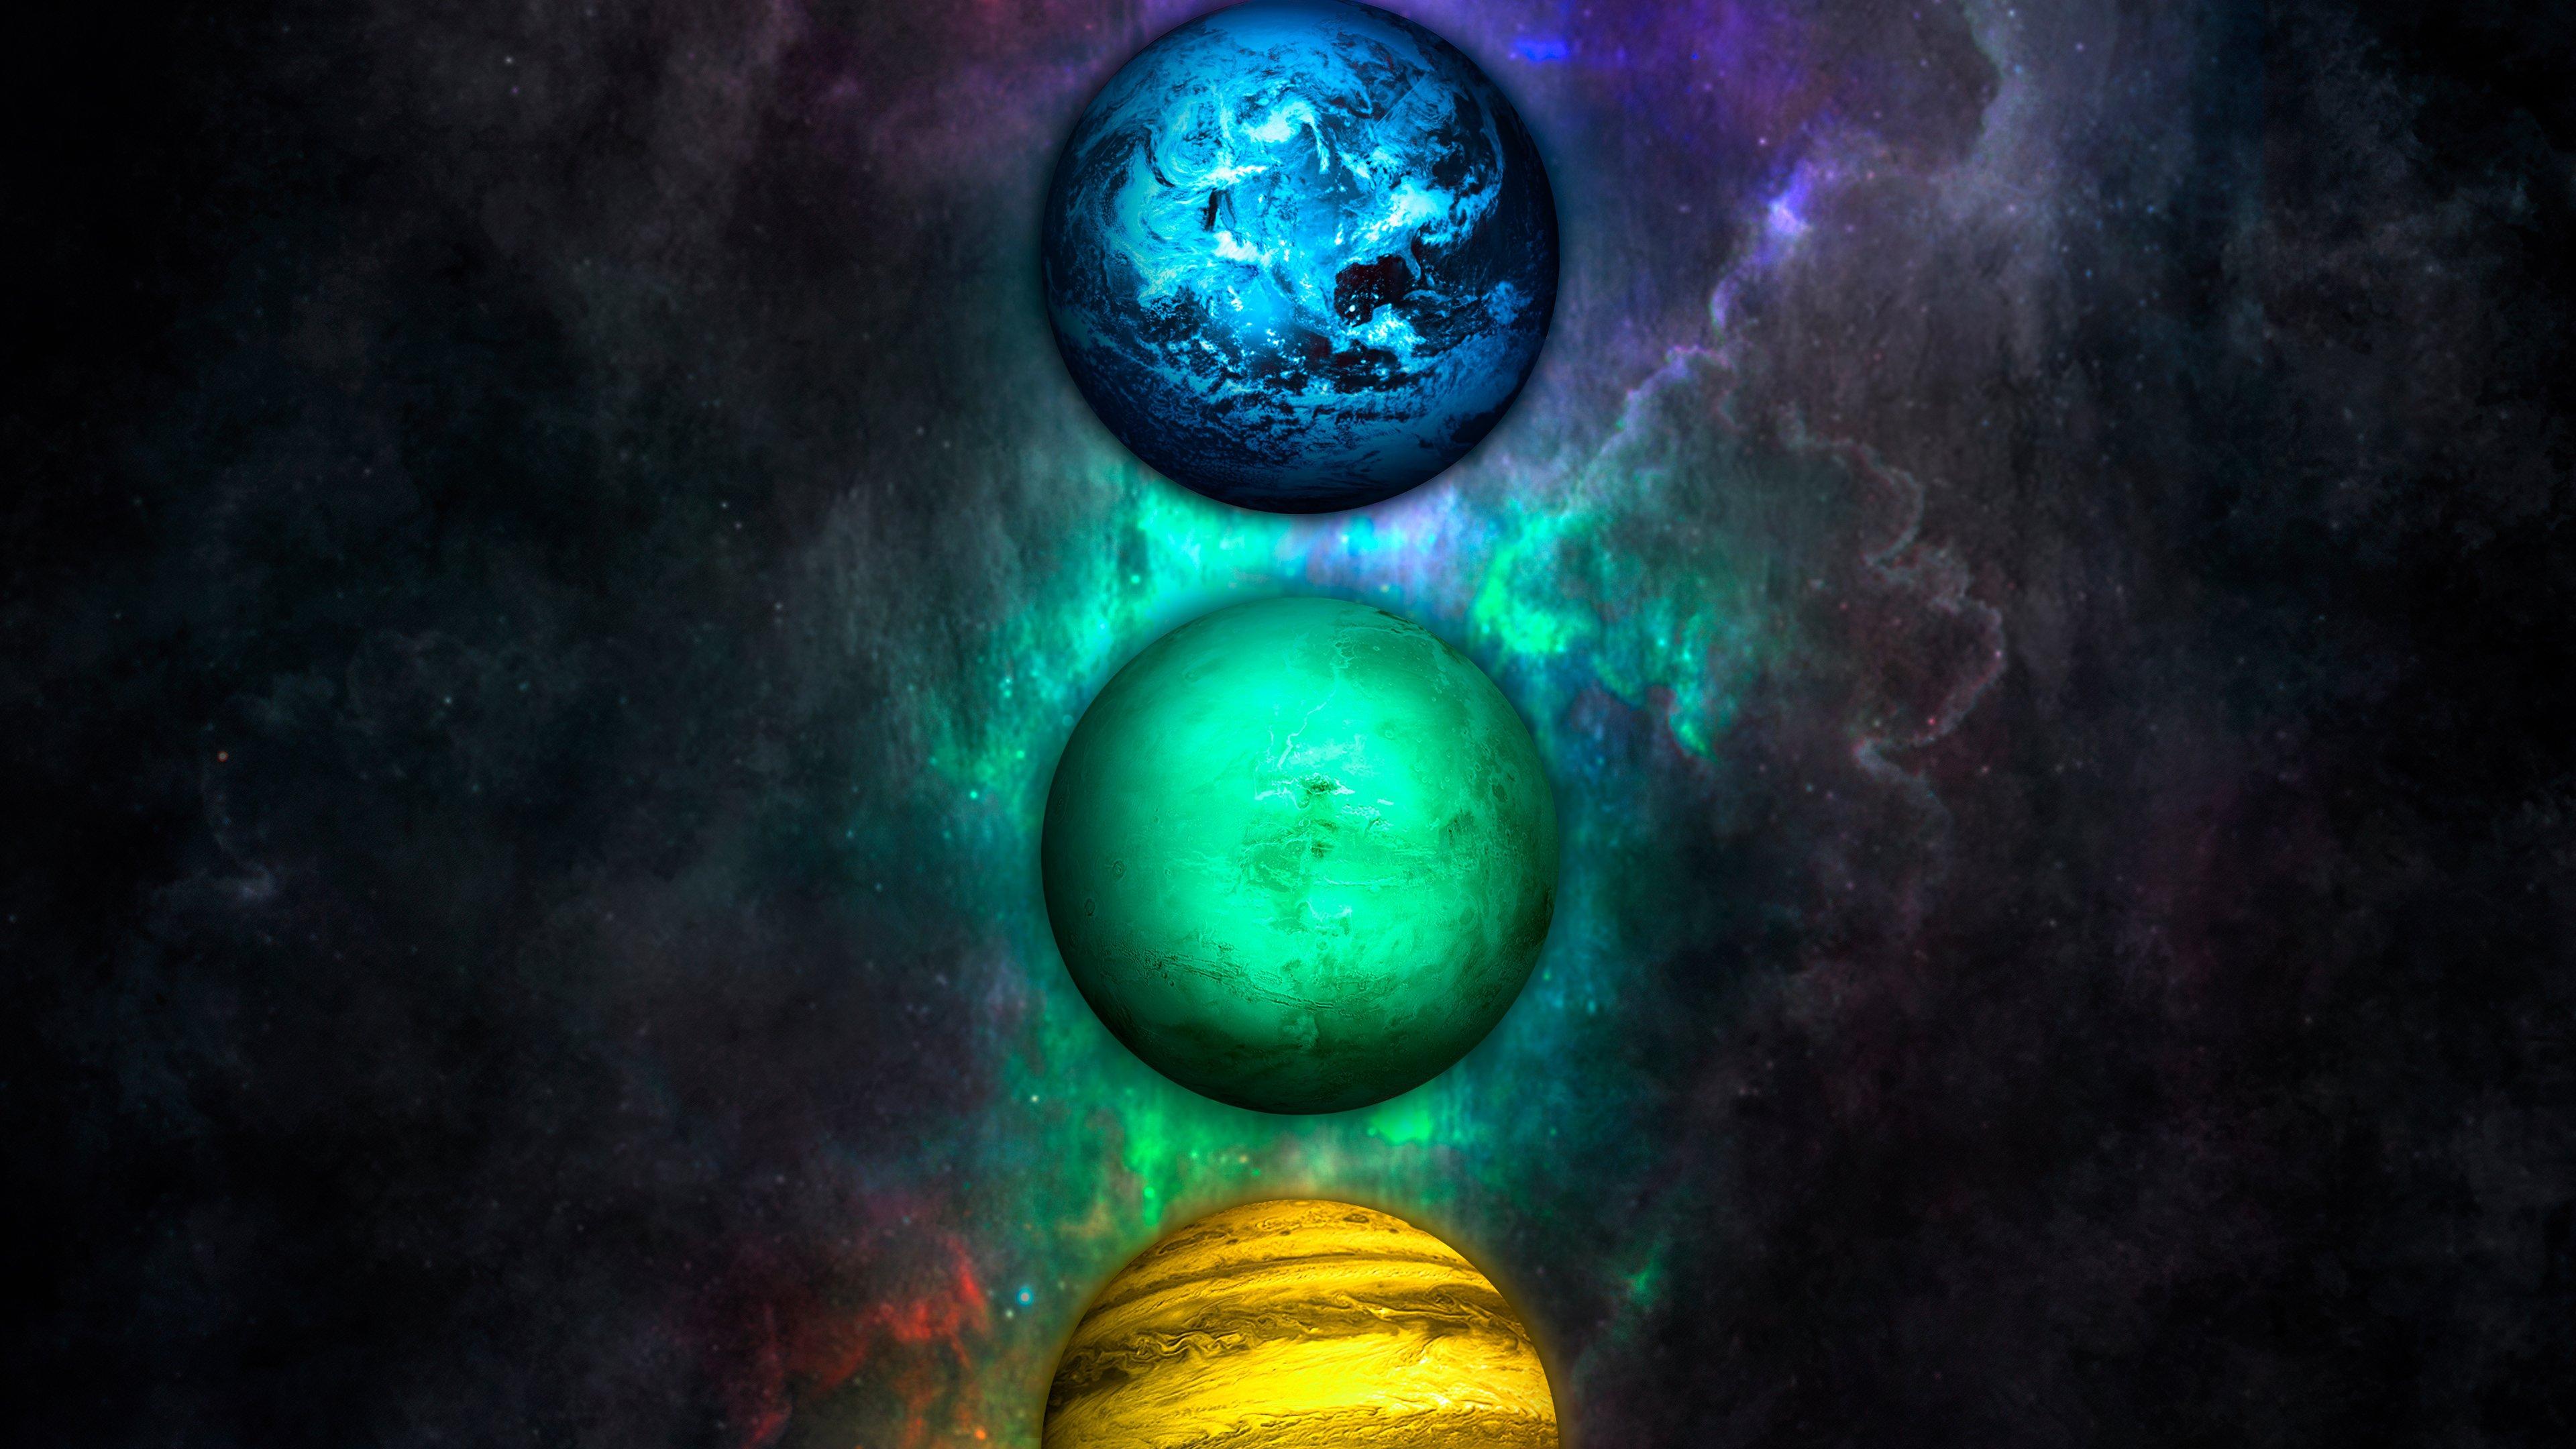 Fondos de pantalla Planetas de diferentes colores